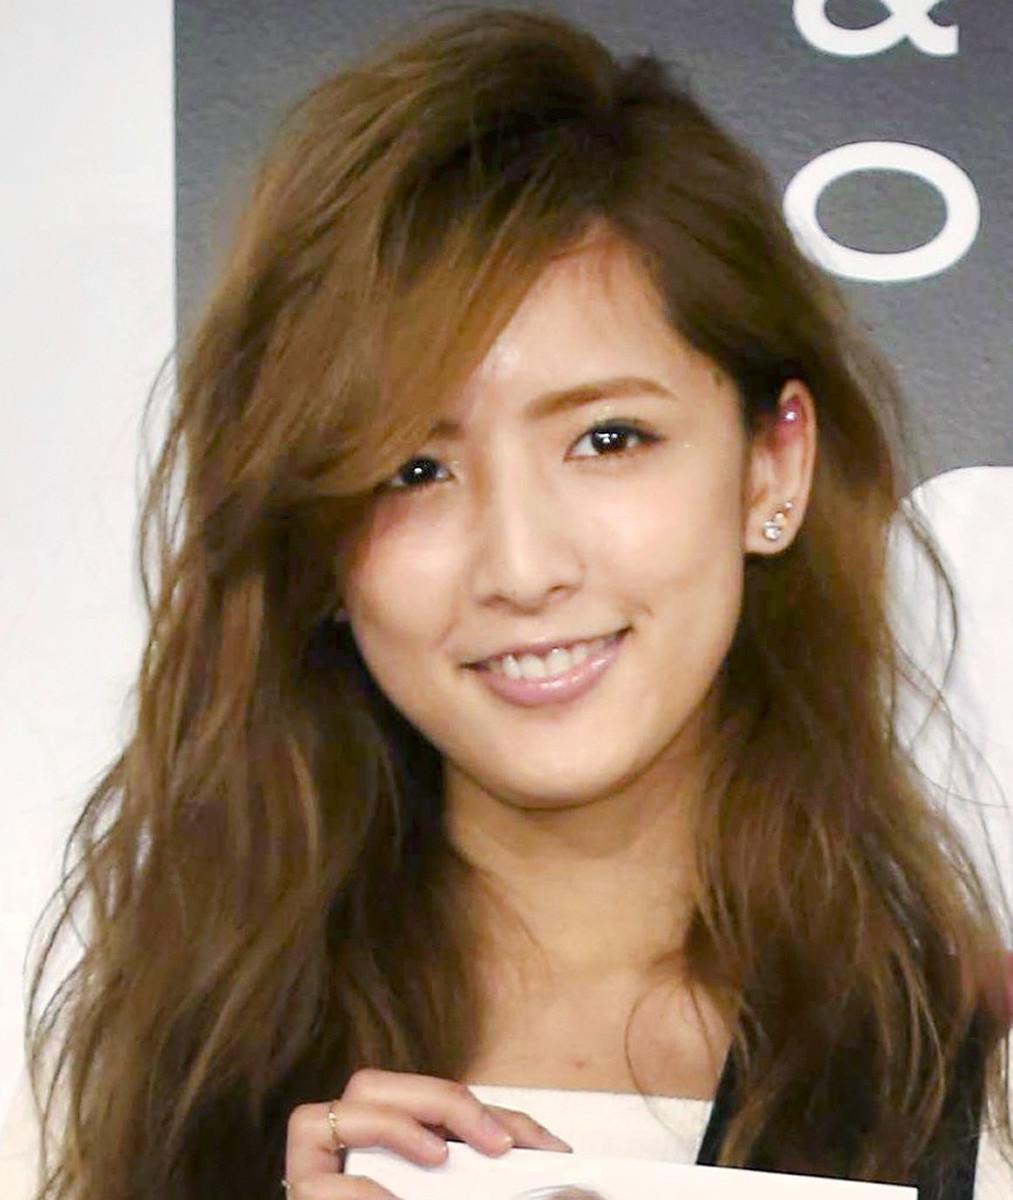 元E―girls・藤井萩花さんが夫の過去の不倫報道に反応…夫婦ショット公開し「本当にクズだったんです」(スポーツ報知) - Yahoo!ニュース